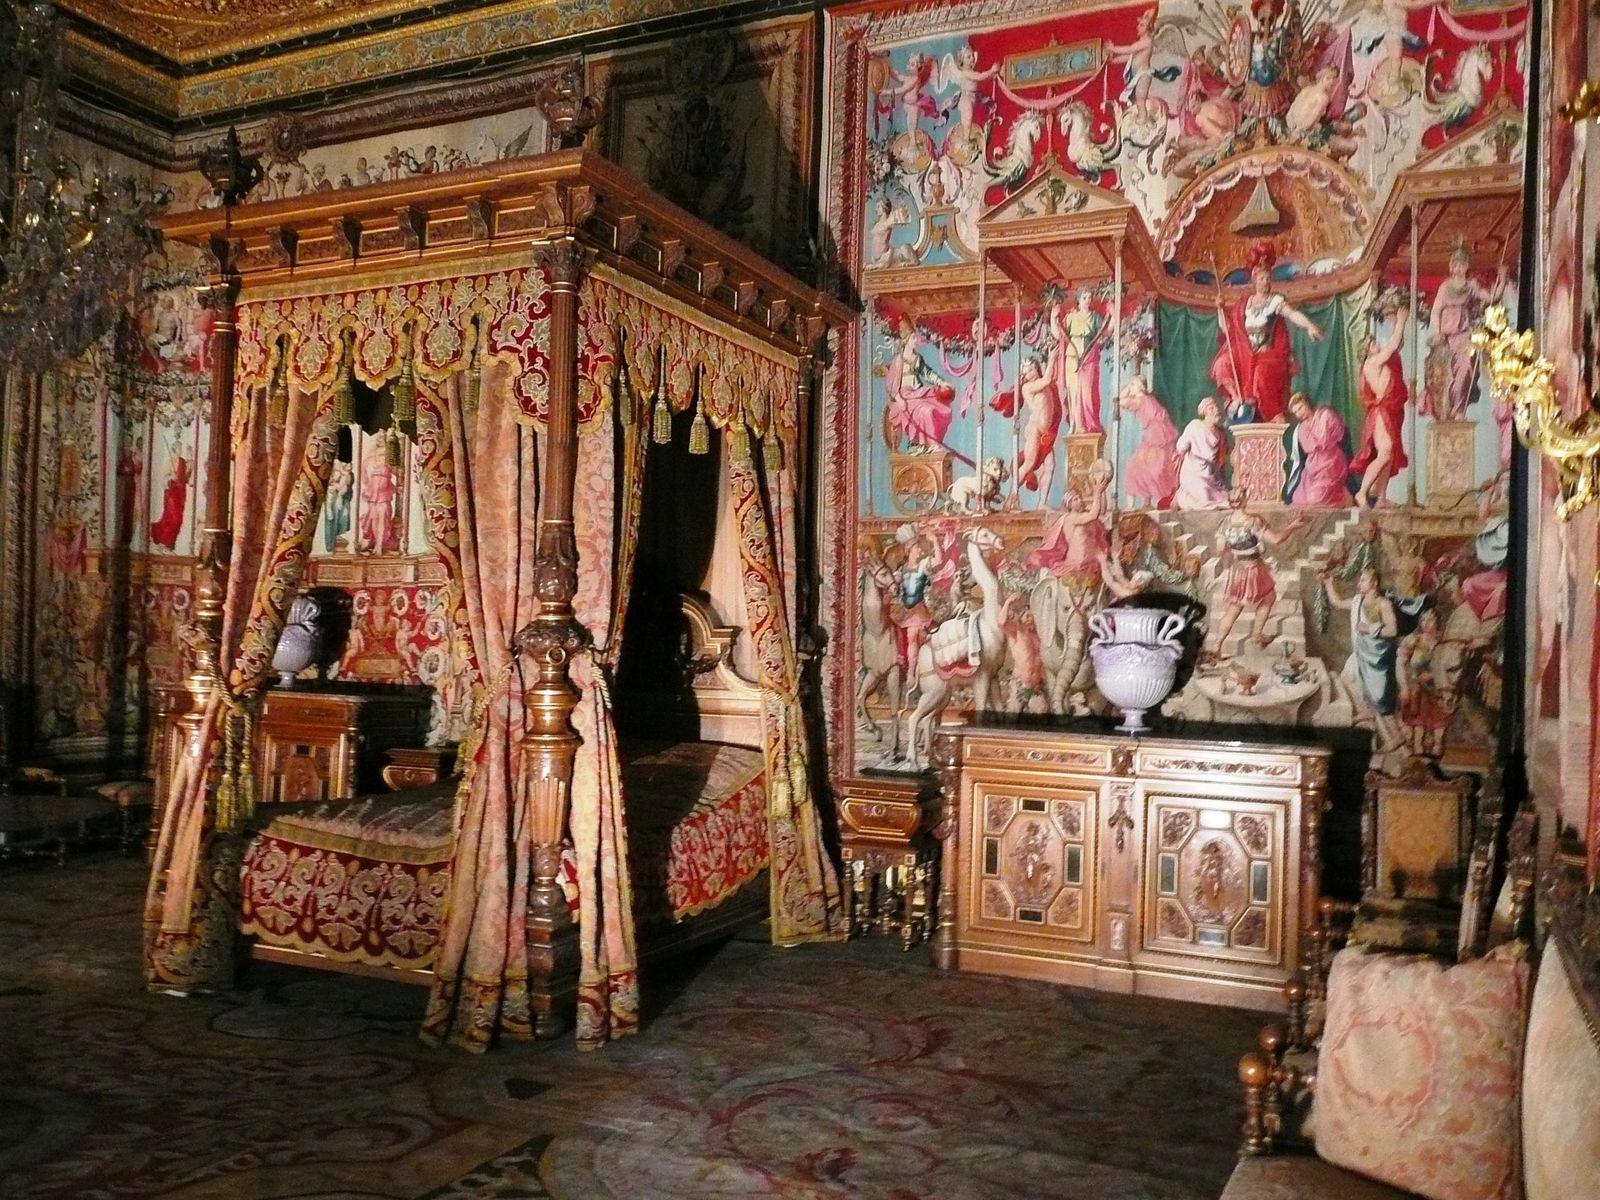 Grands Appartements-Palais de Fontainebleau (2)